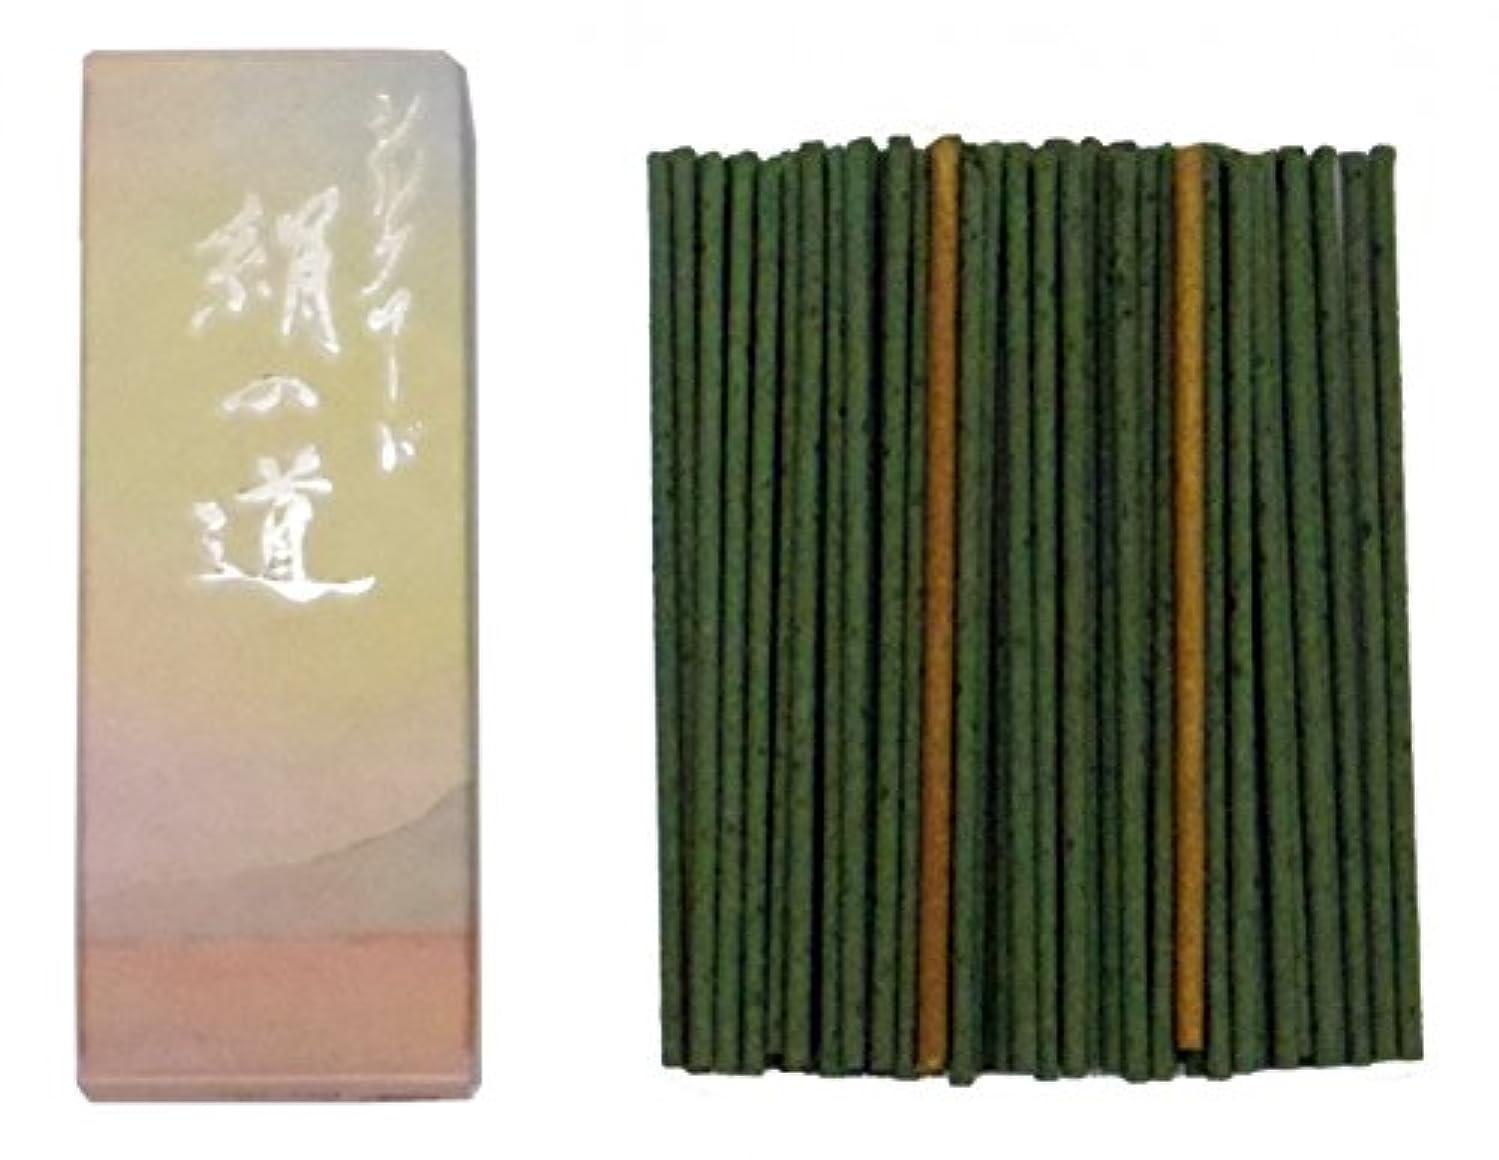 薬かび臭いリム丸叶むらたのお香 ハーフ寸サック シルクロード絹の道 約15g #SK-09